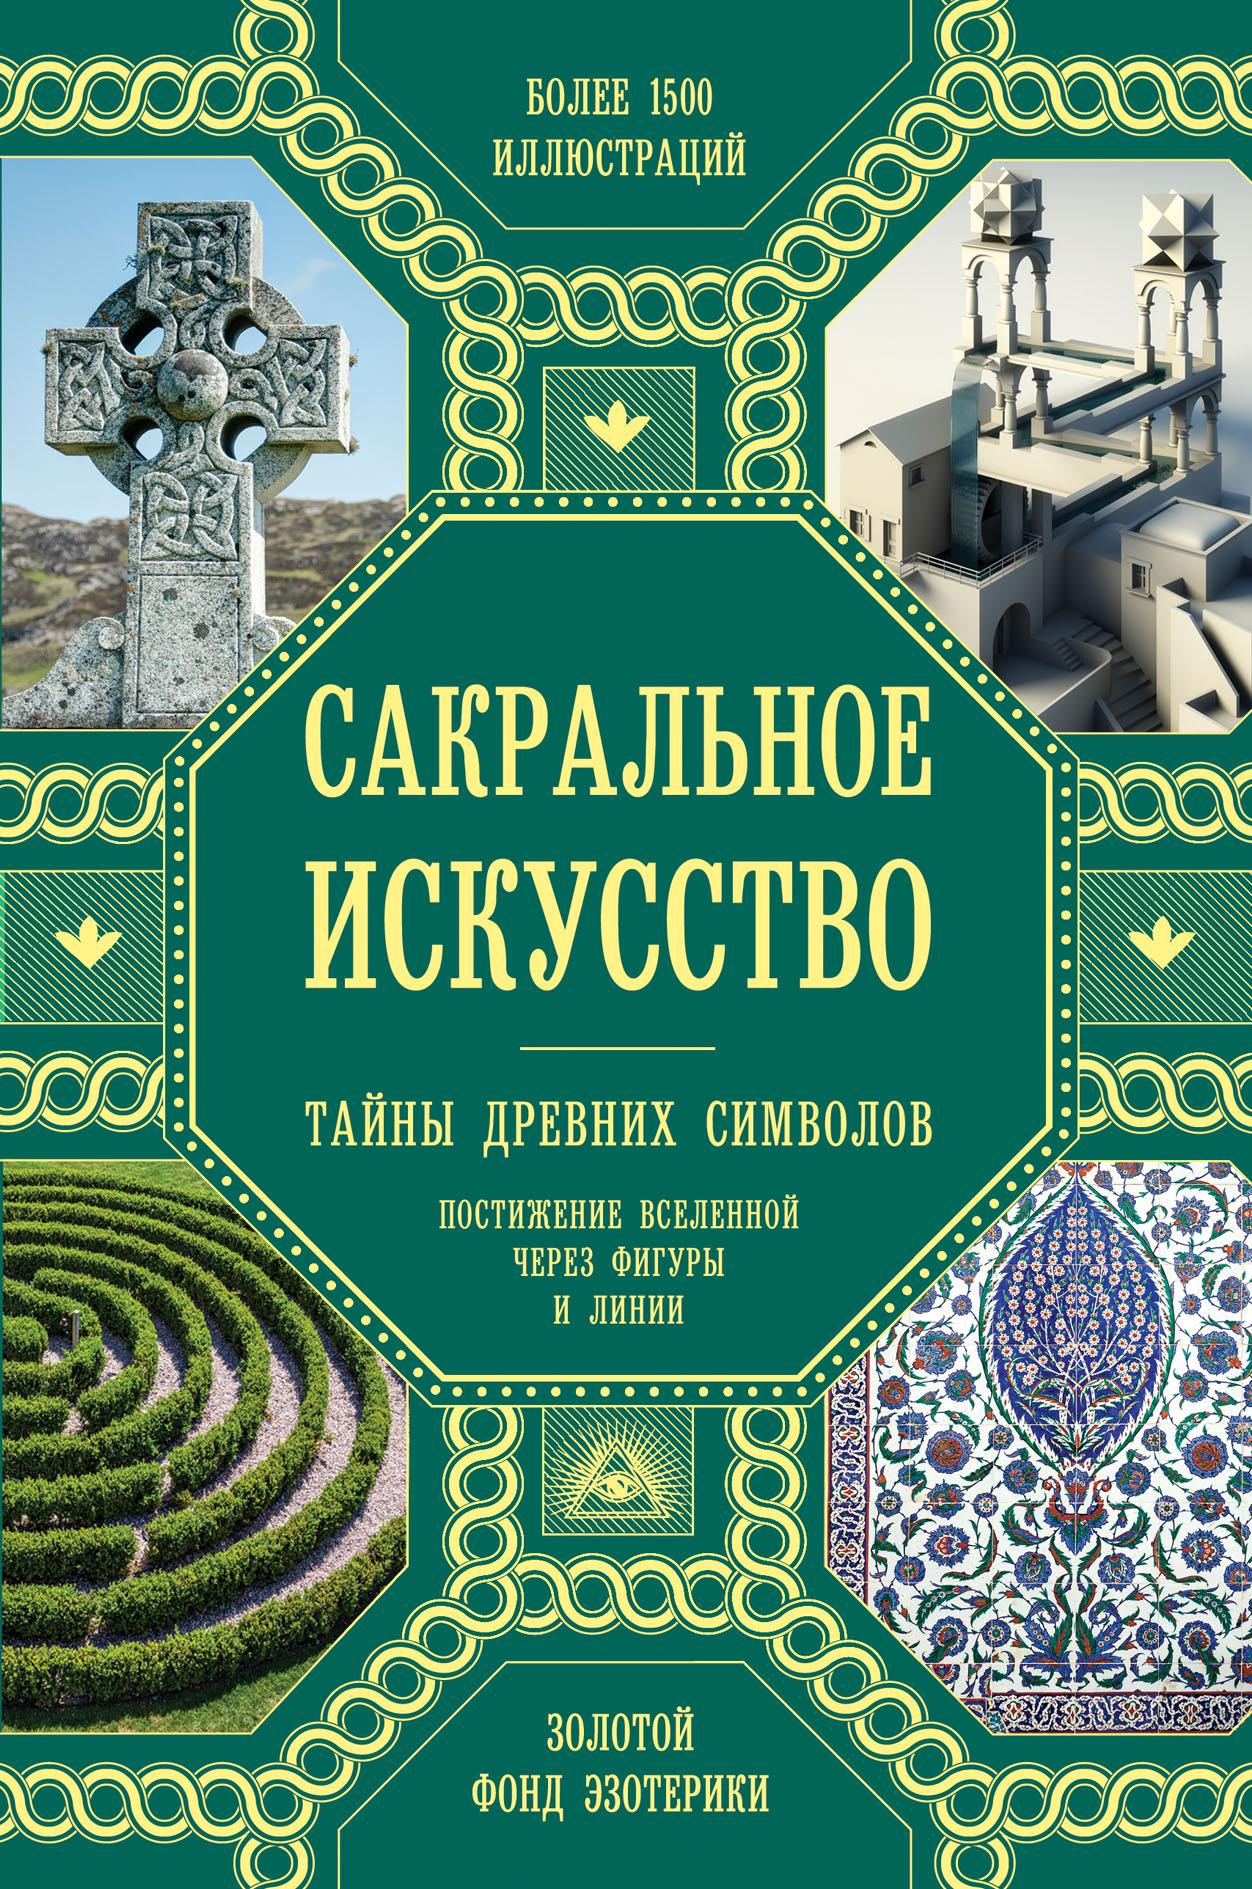 Сакральное искусство ISBN: 978-5-699-89857-2